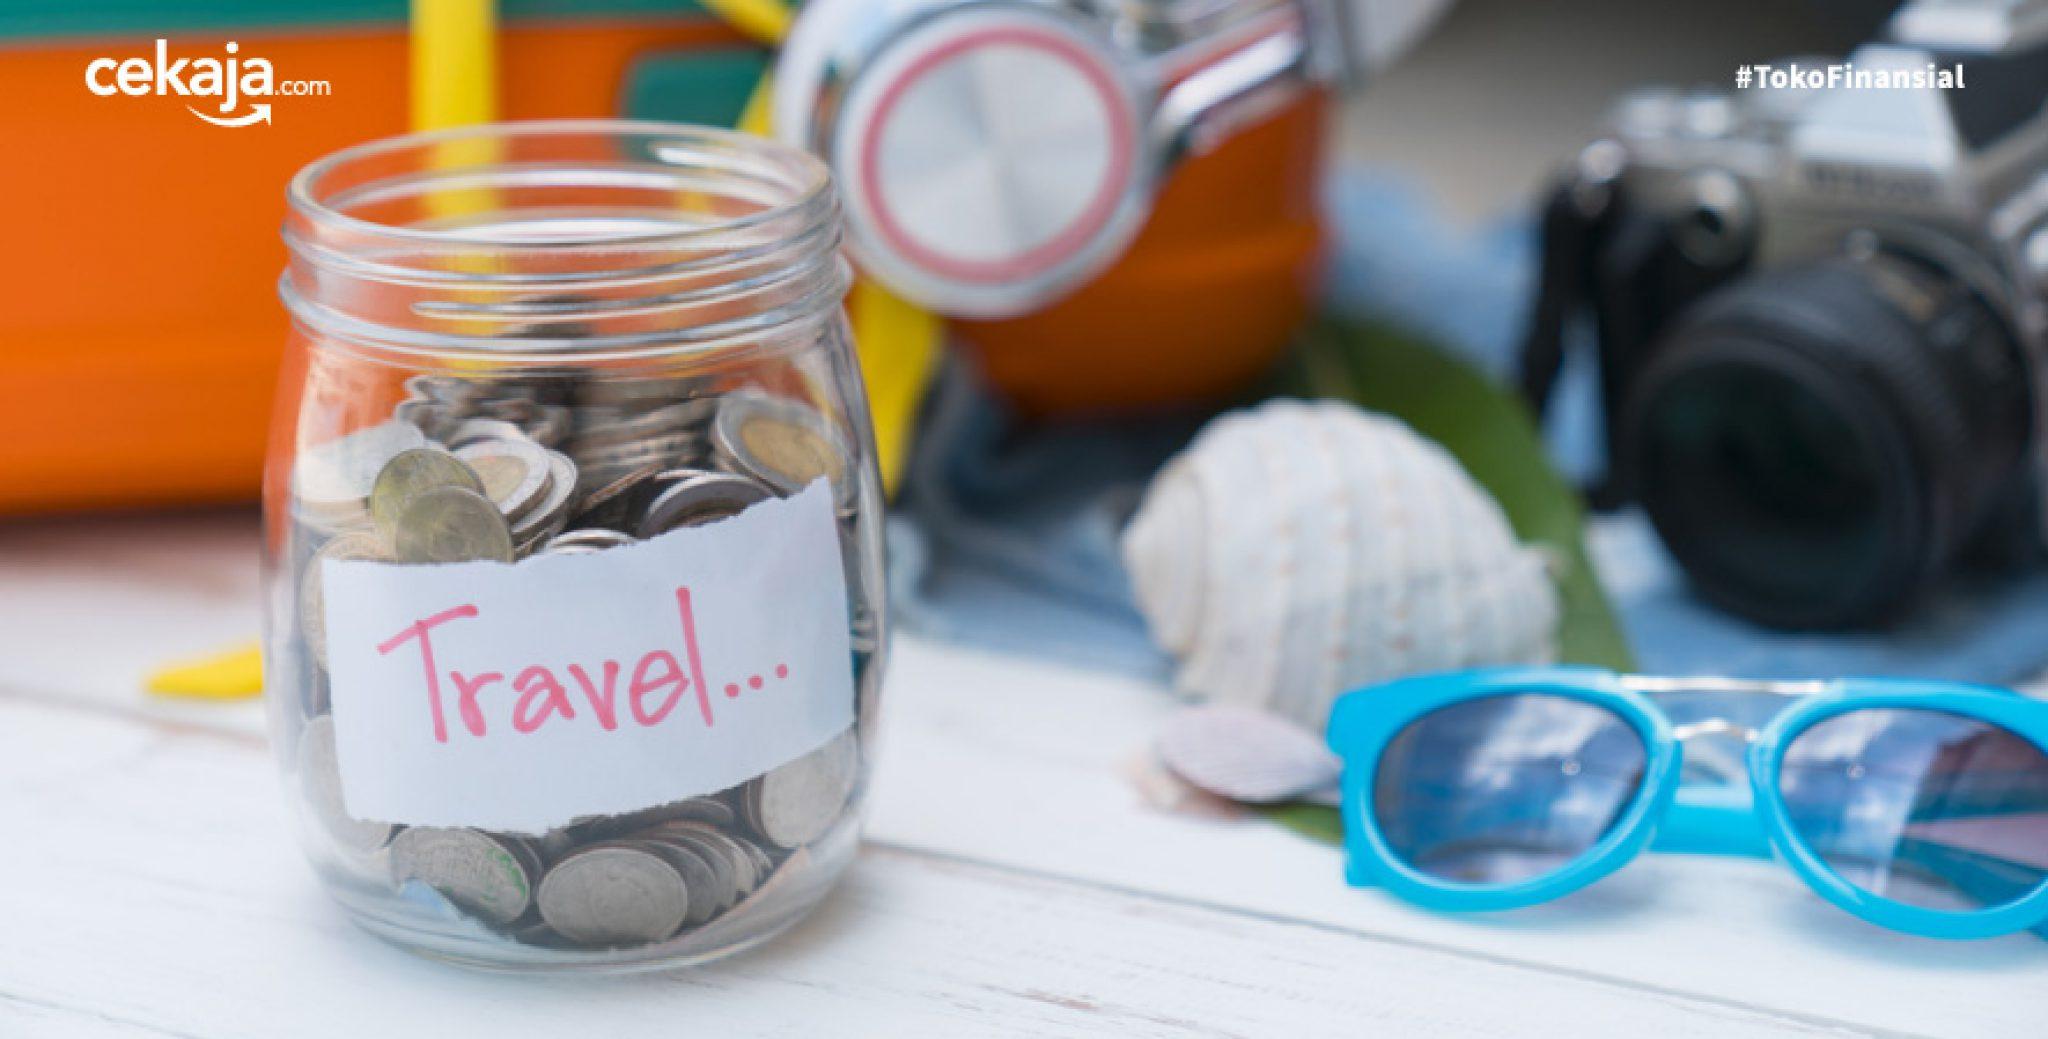 traveling hemat _ asuransi perjalanan - CekAja.com